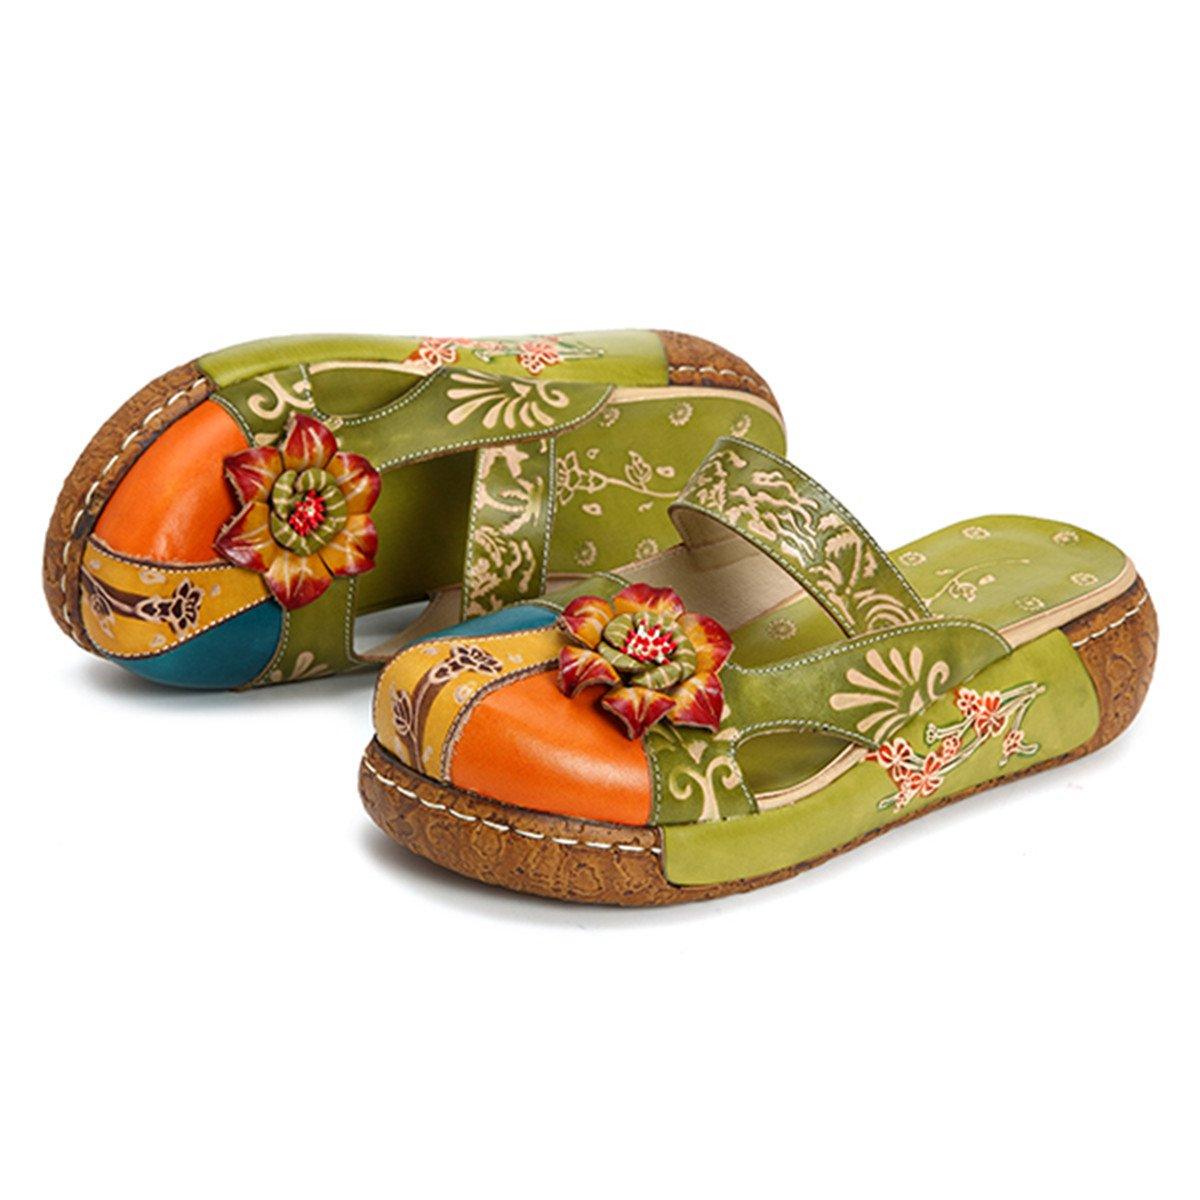 Gracosy Pantofola in Pelle da Donna Mocassini Donna Sandali Piatti Slip-On in Pelle Estiva Slipper di Oxford Sandali Estivi Vintage Fiore Colorato Backless Scarpe Fannullone Verde